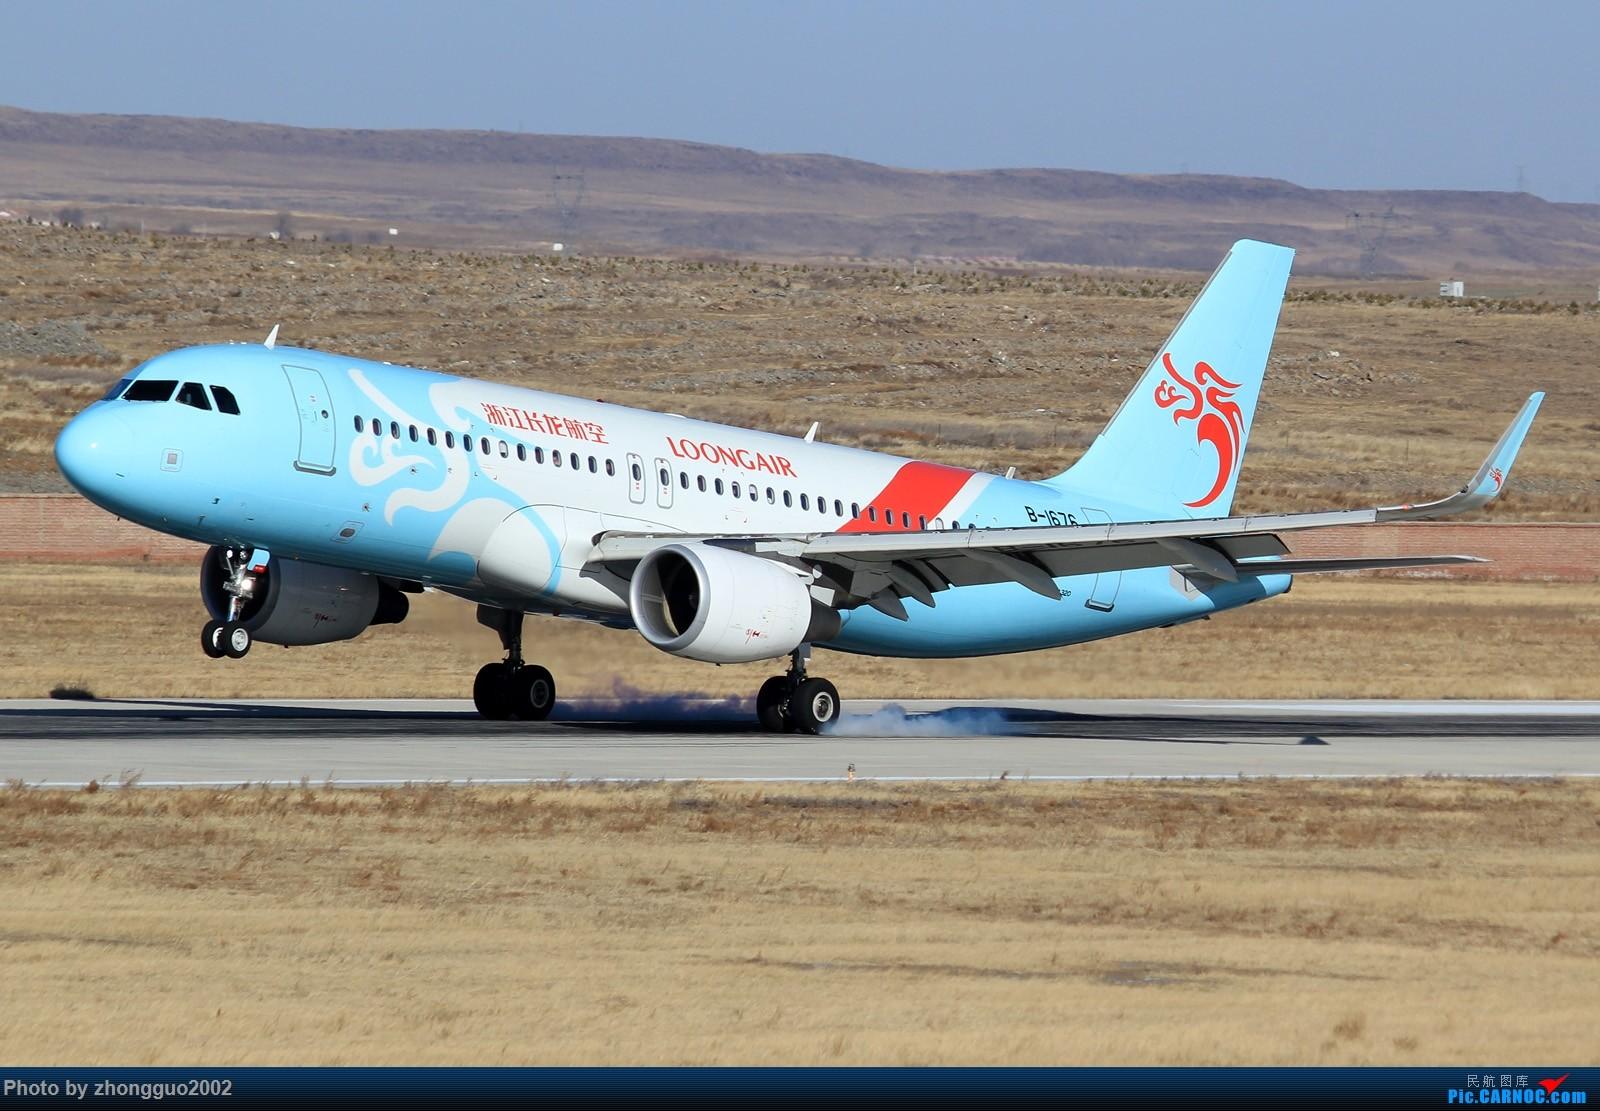 乌兰察布集宁机场(UCB) AIRBUS A320-200 B-1676 中国乌兰察布集宁机场